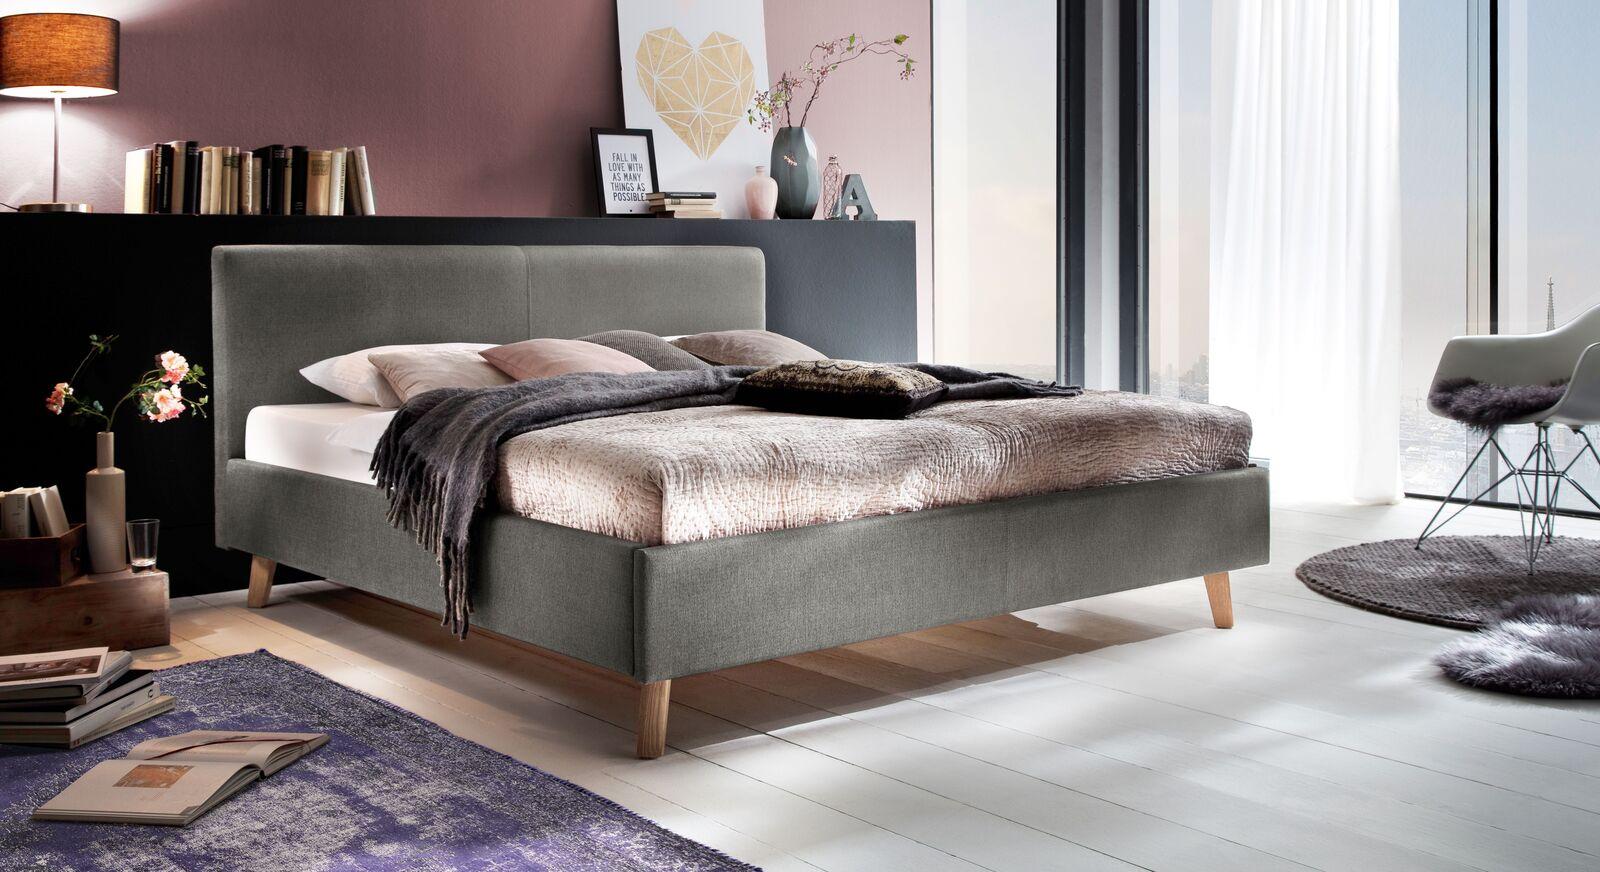 Bett Susella mit passendem Teppich